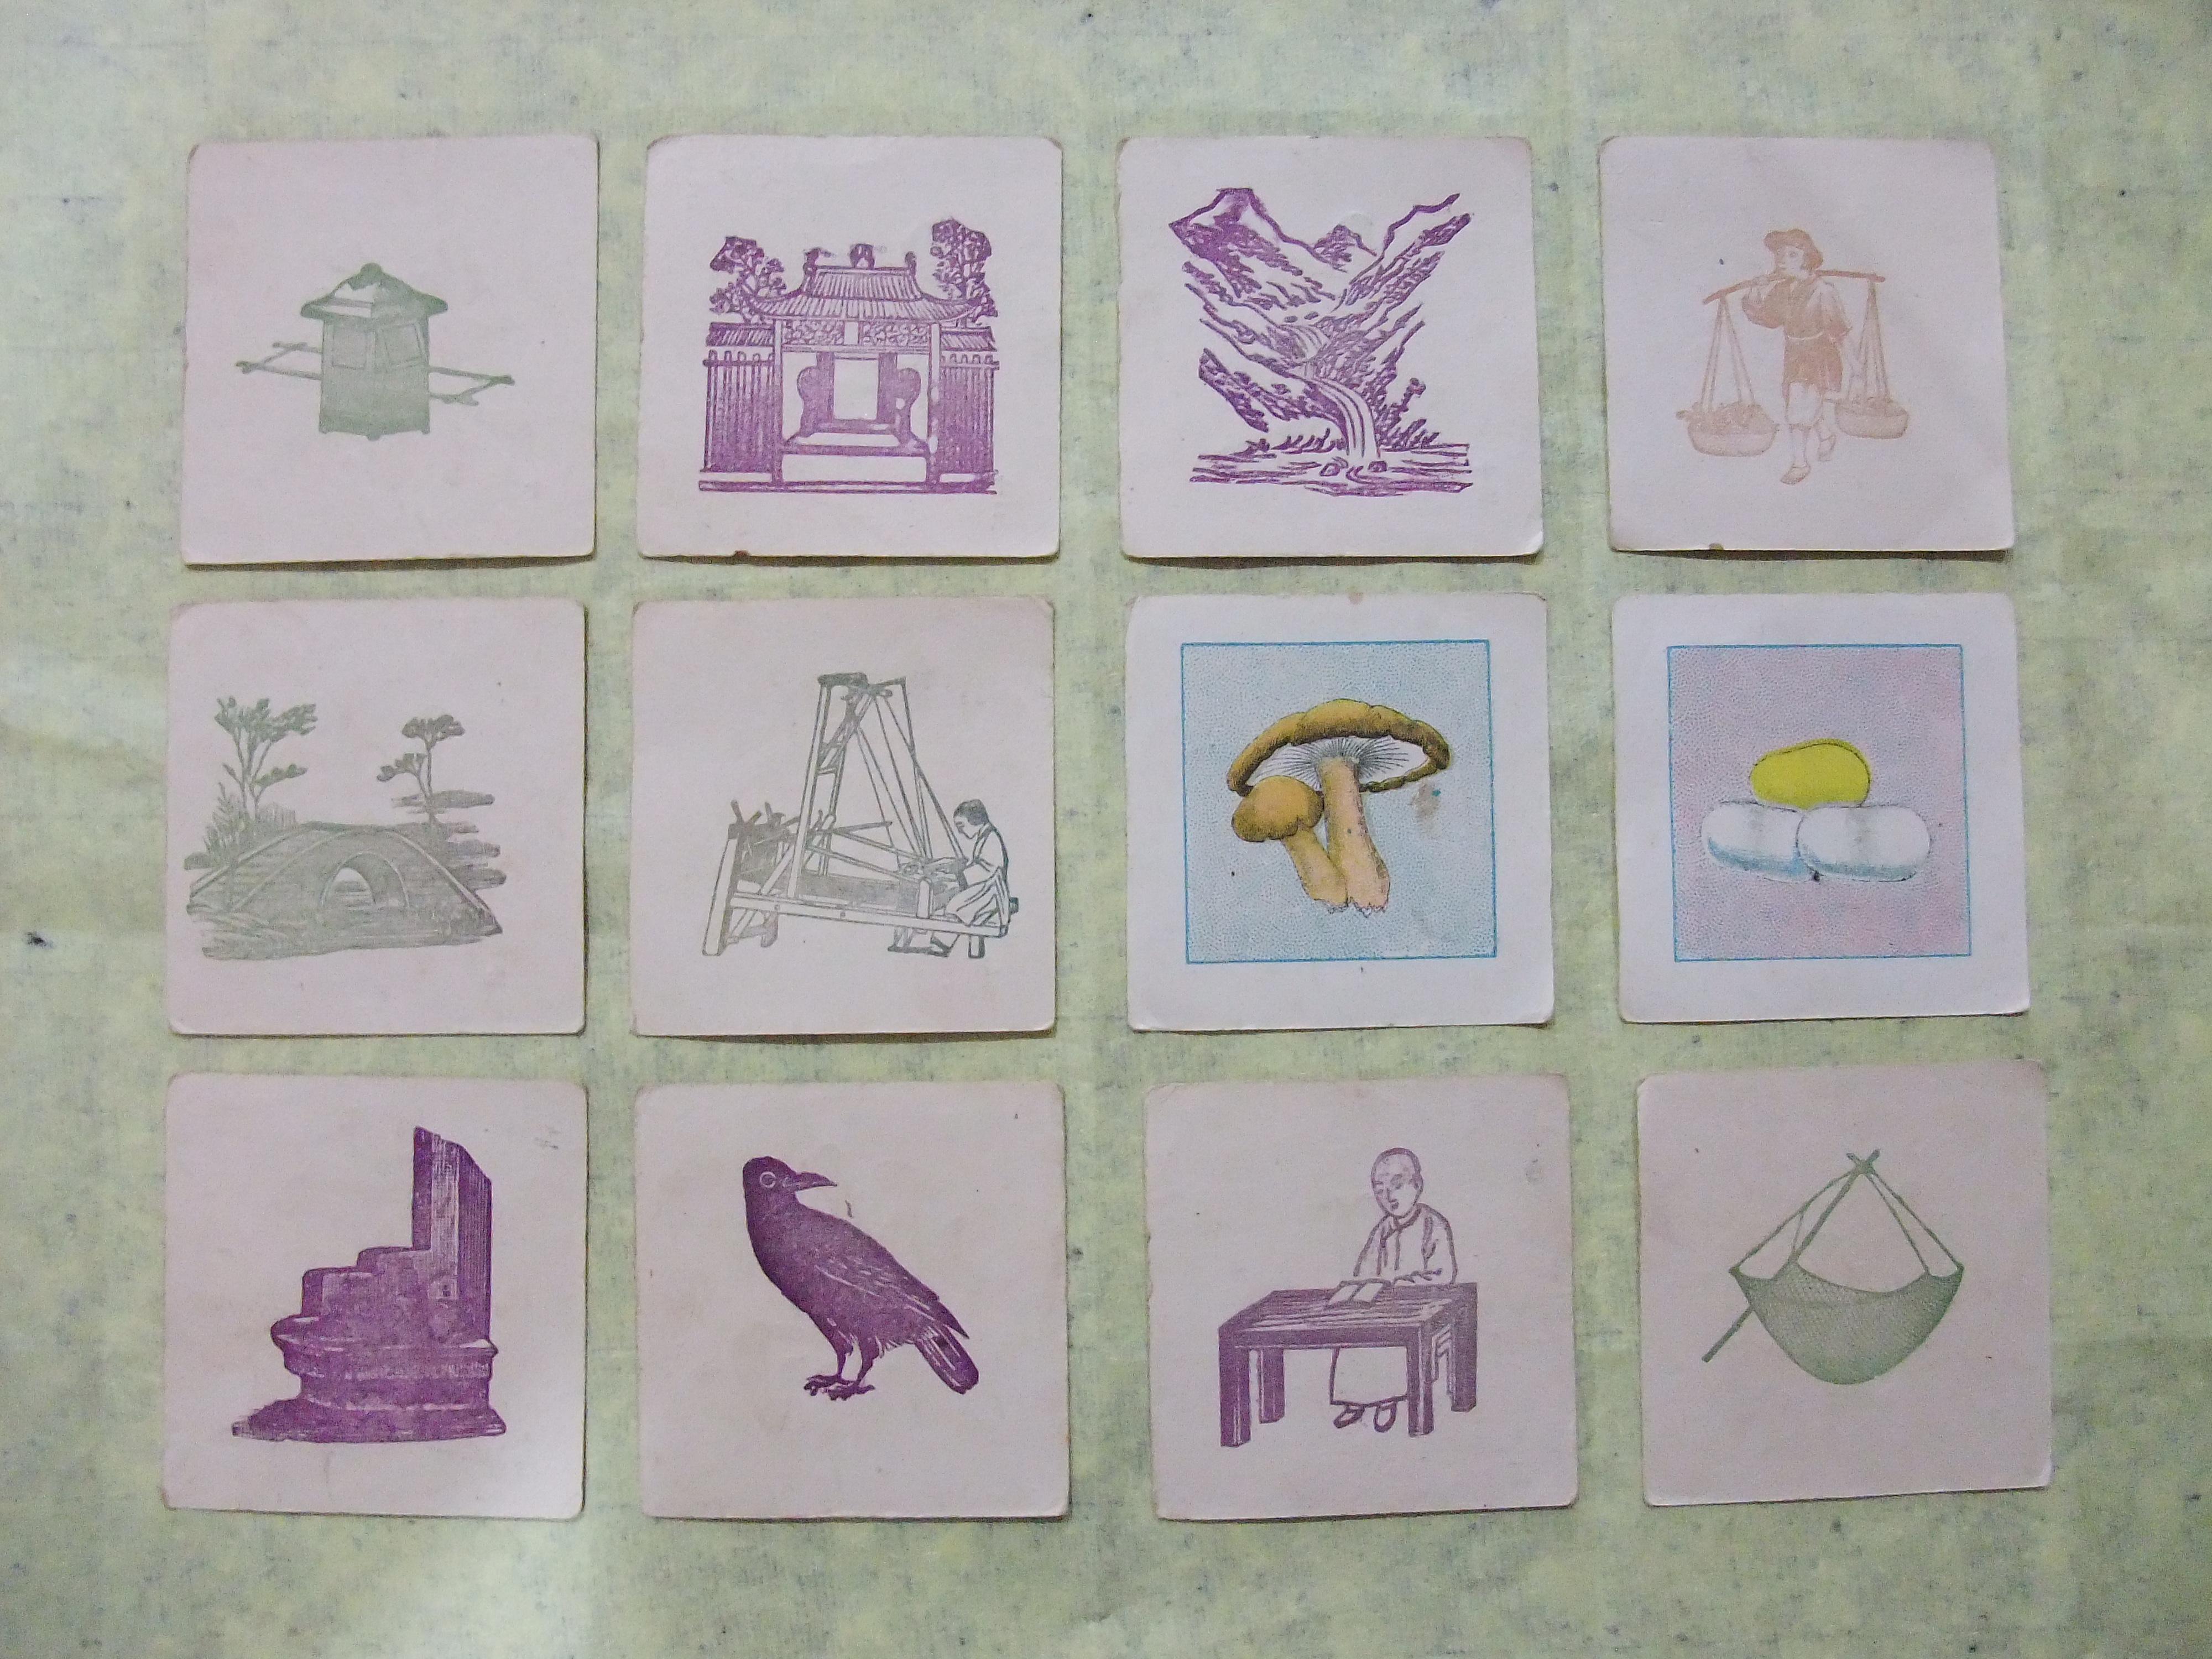 小学生手工制作卡片